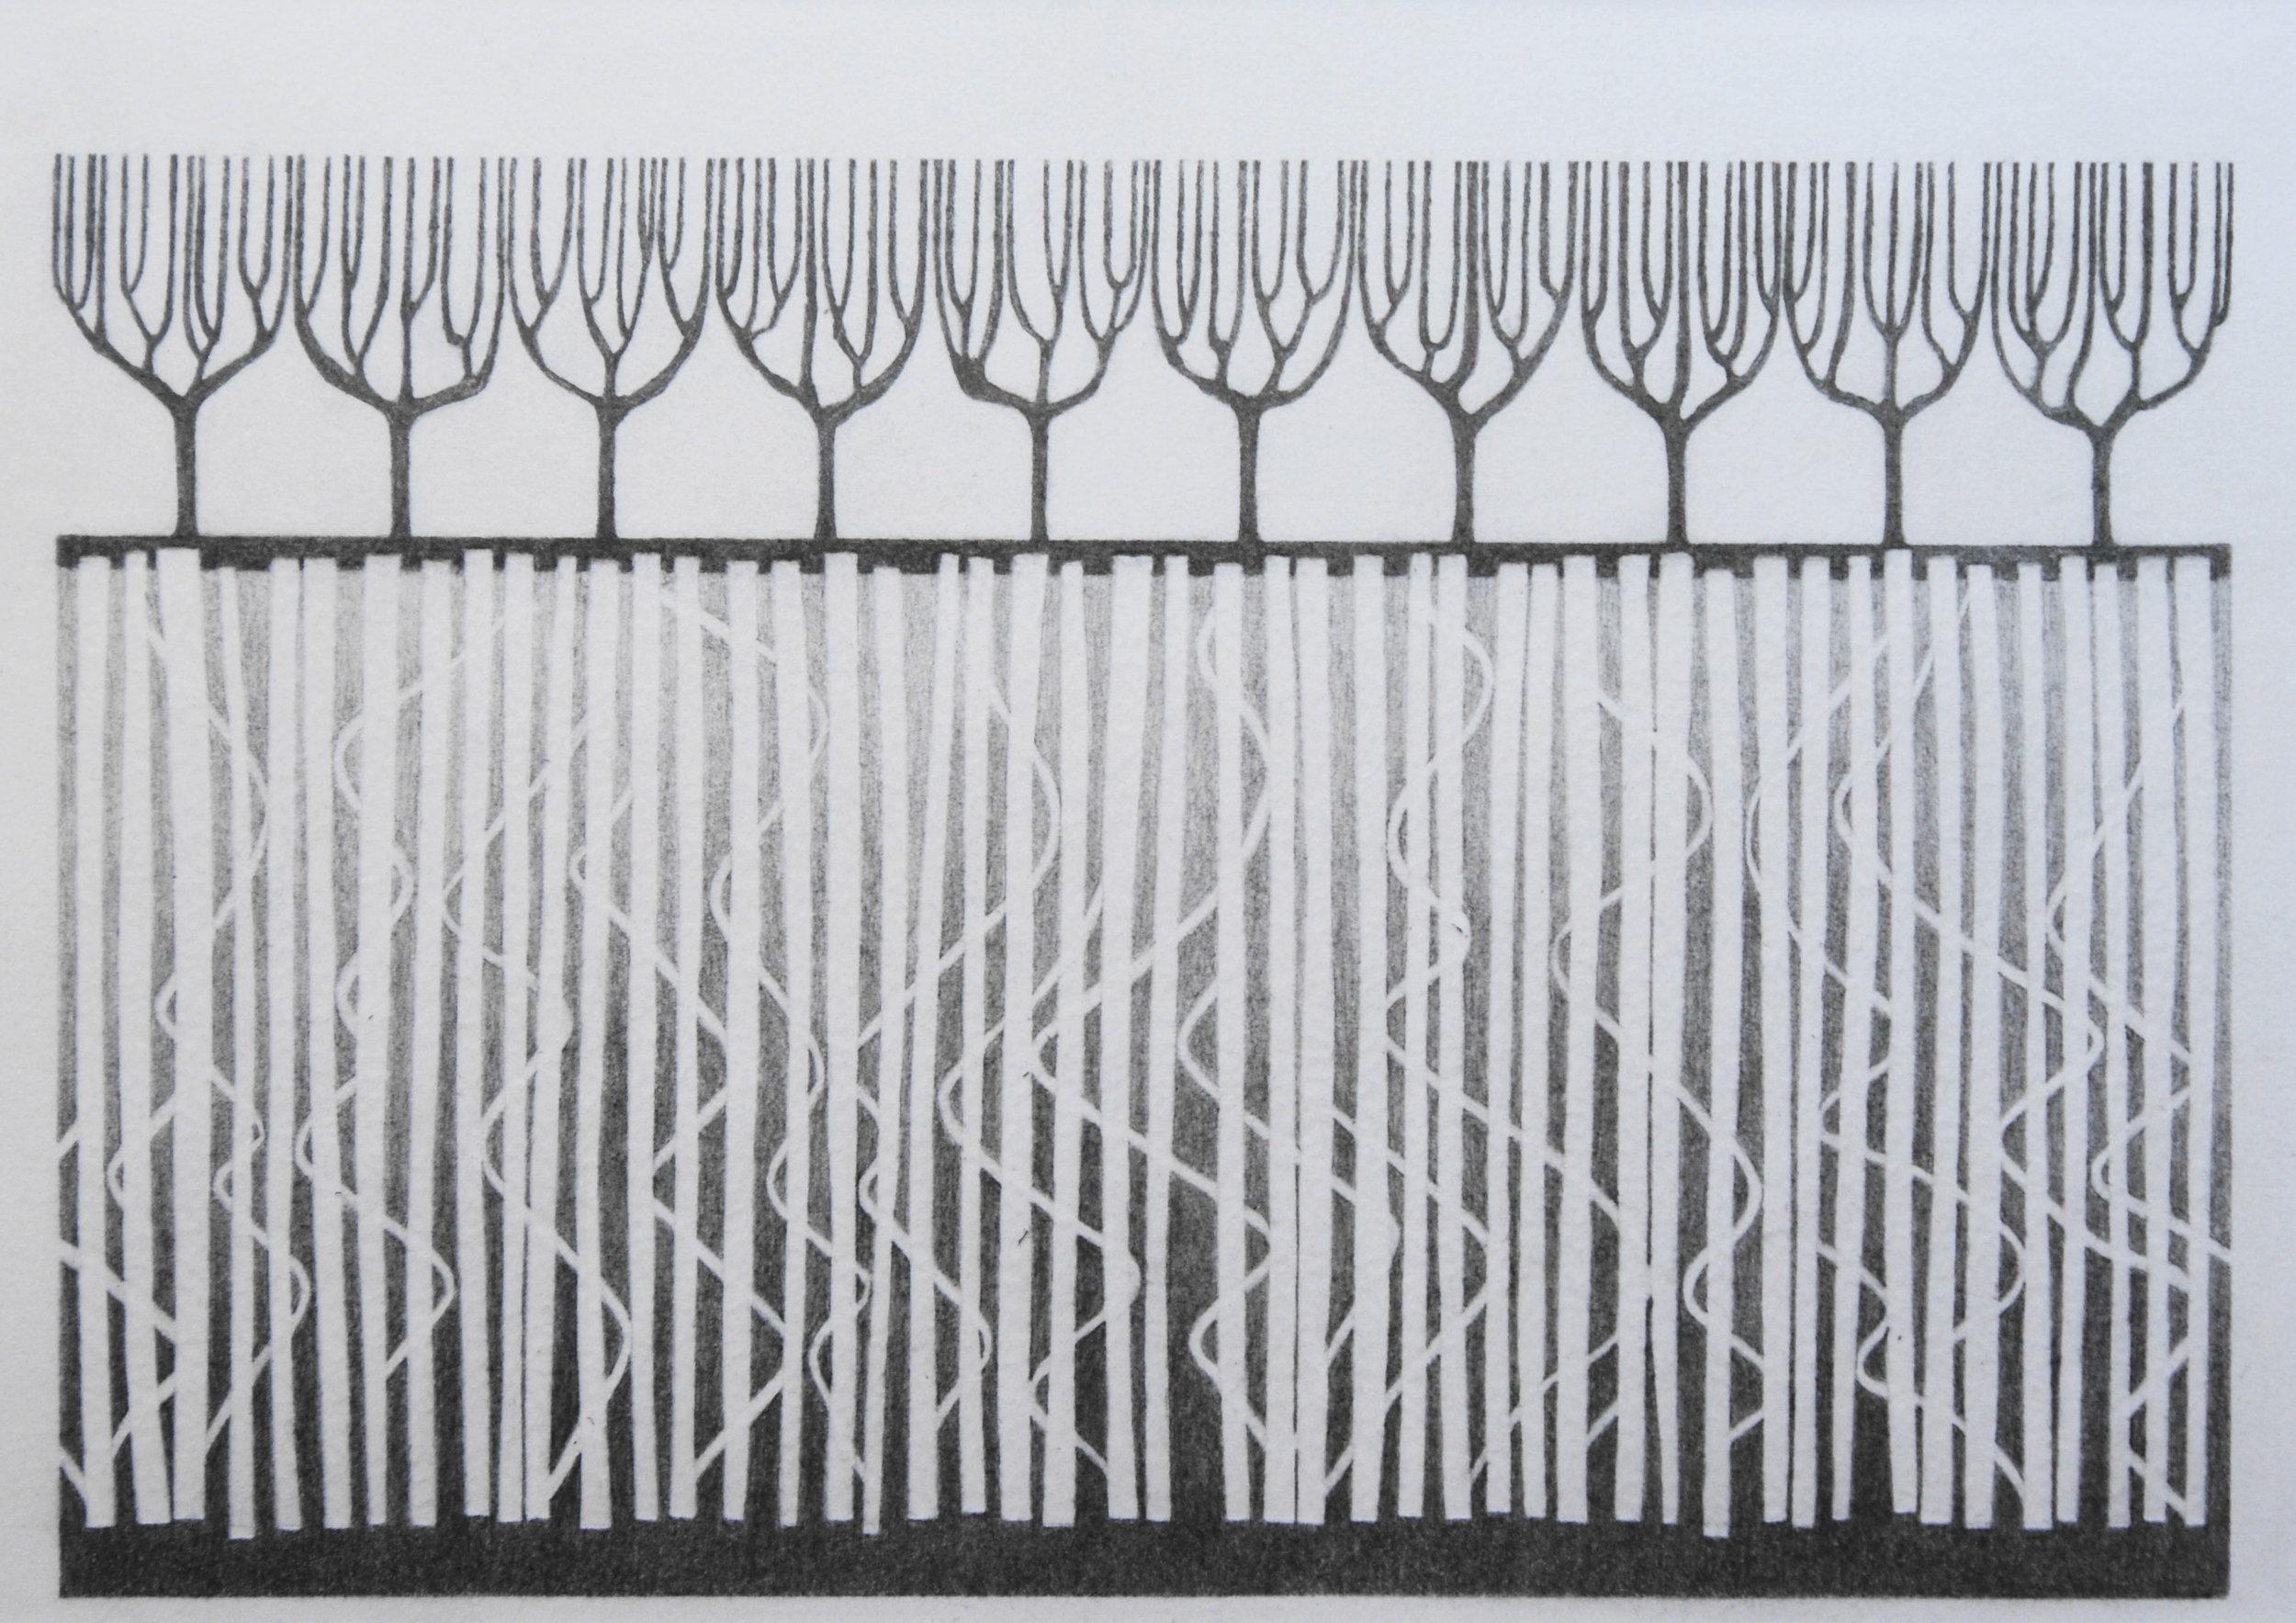 Boomwortels I, 2017 (blinddruk, potlood) 24 cm x 34,5 cm